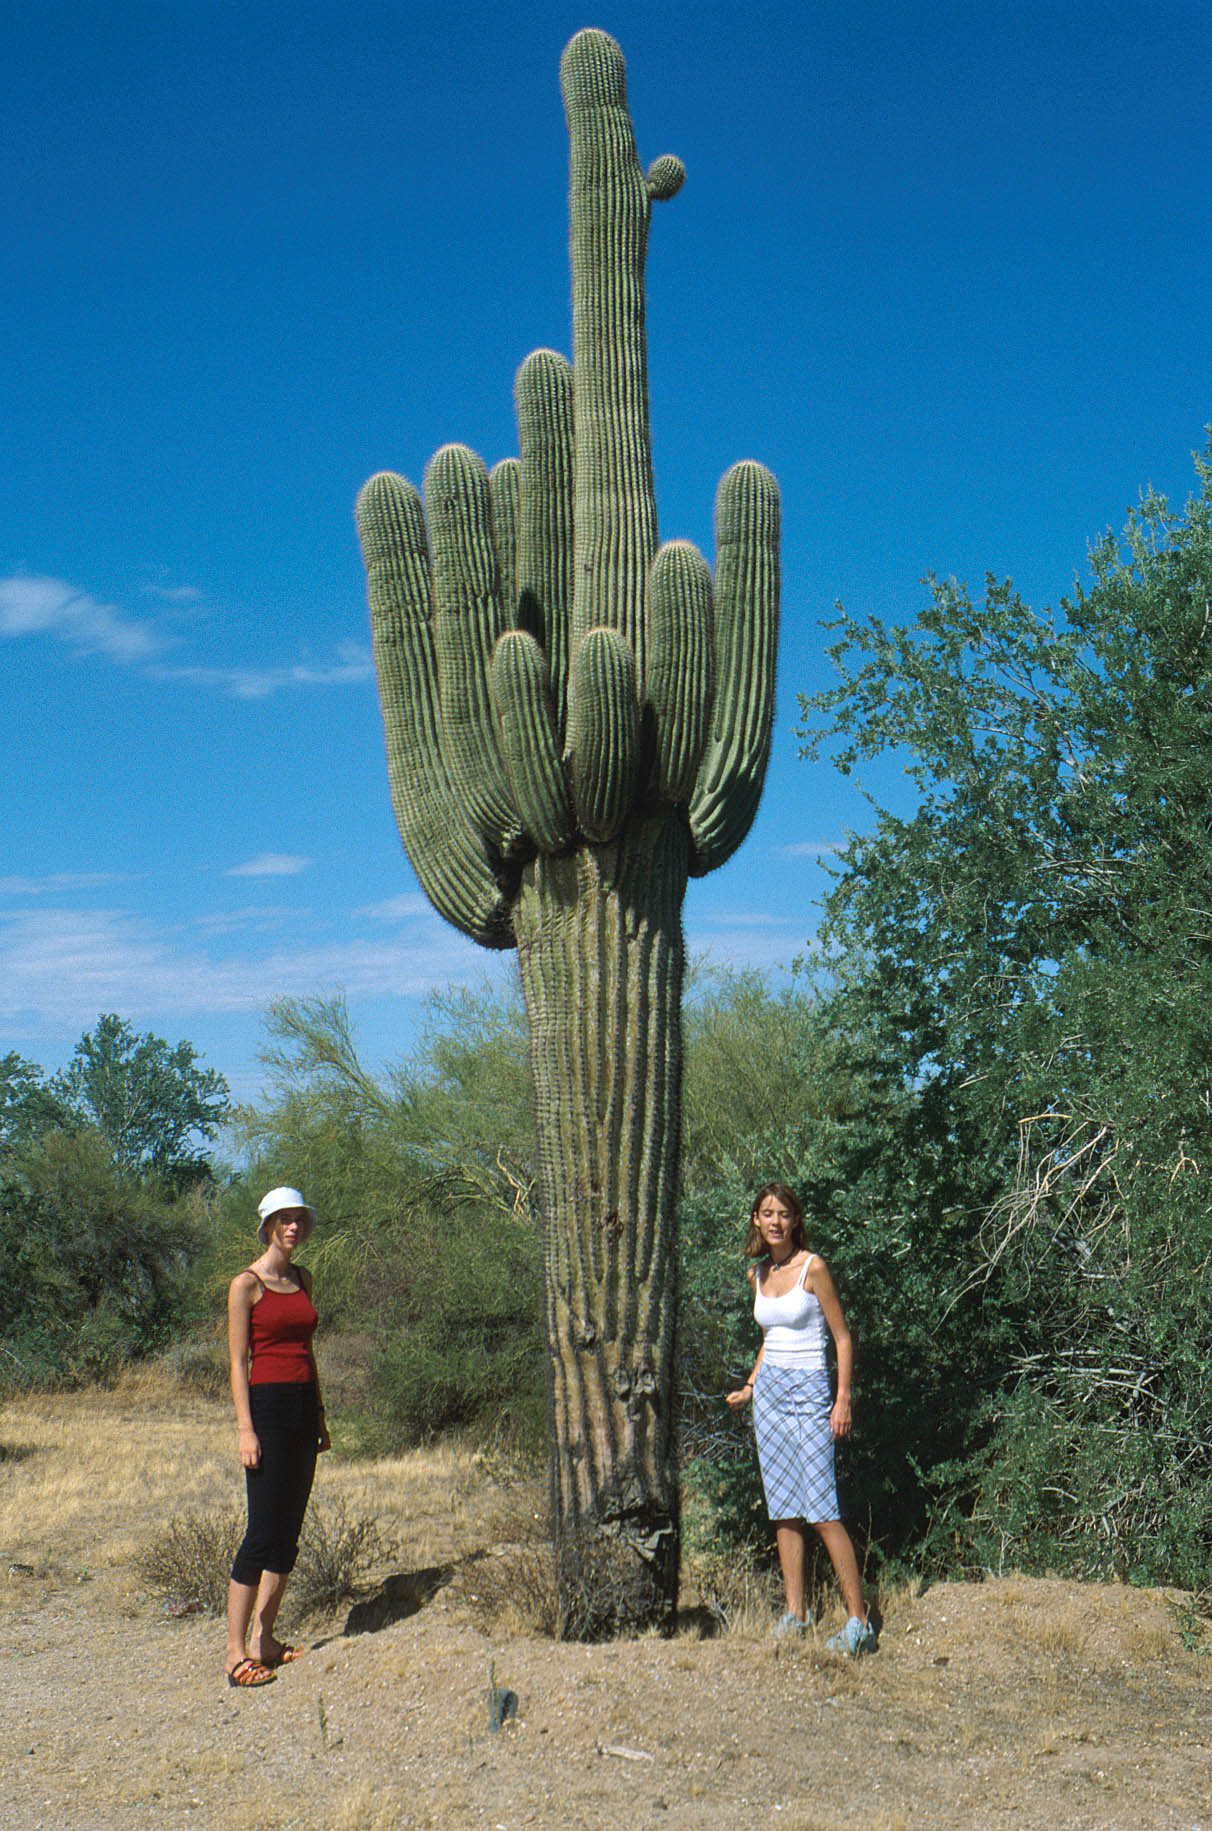 saguaro kaktus